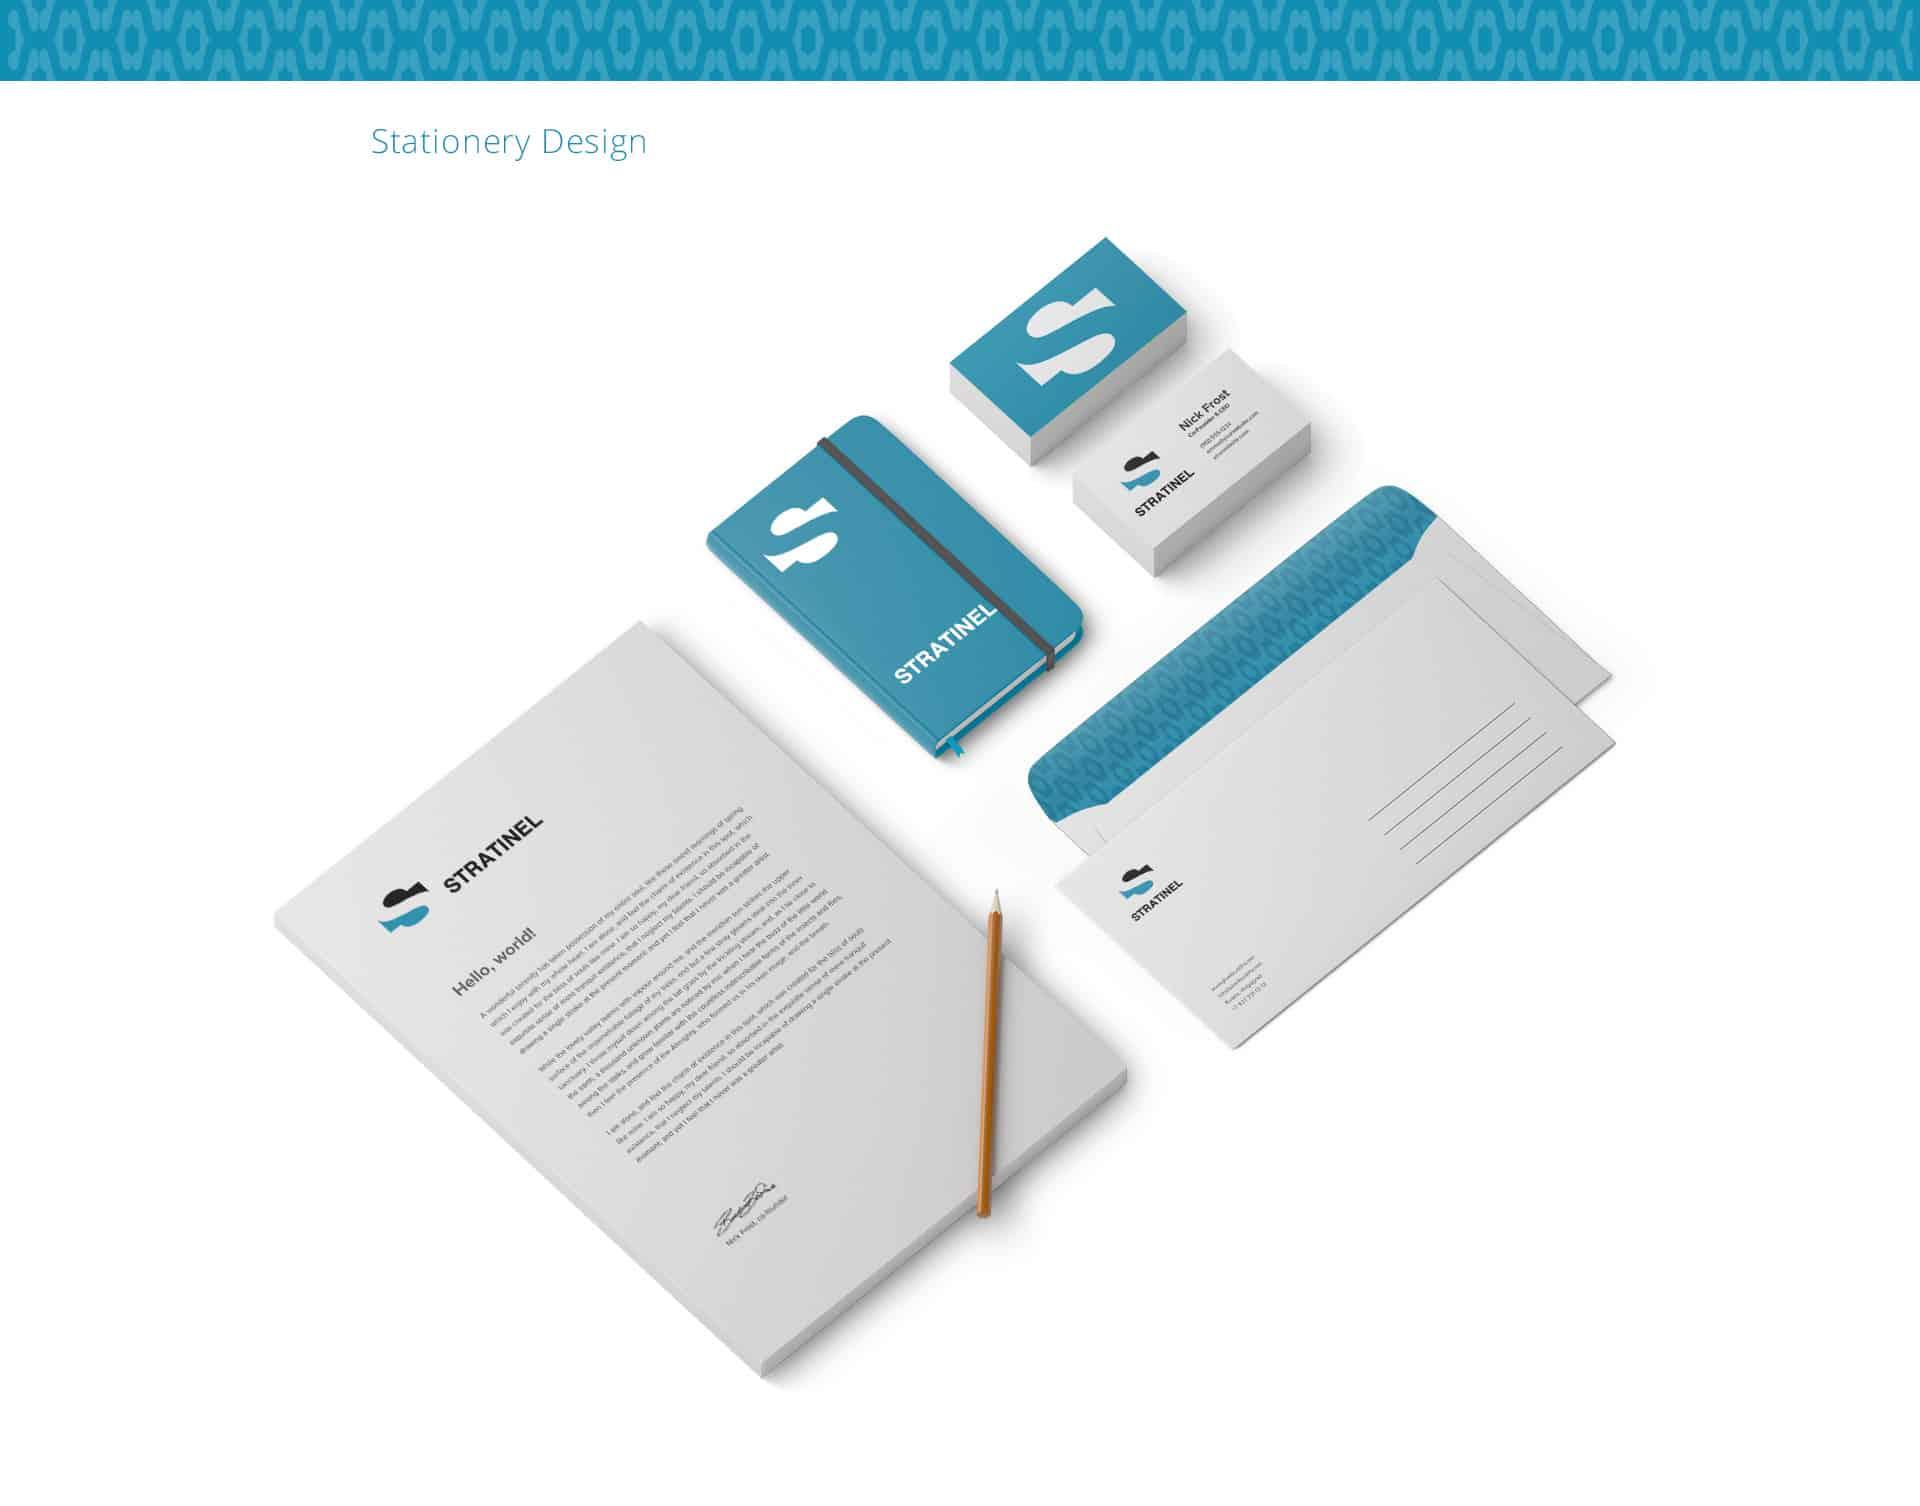 Stationery Design - Branding